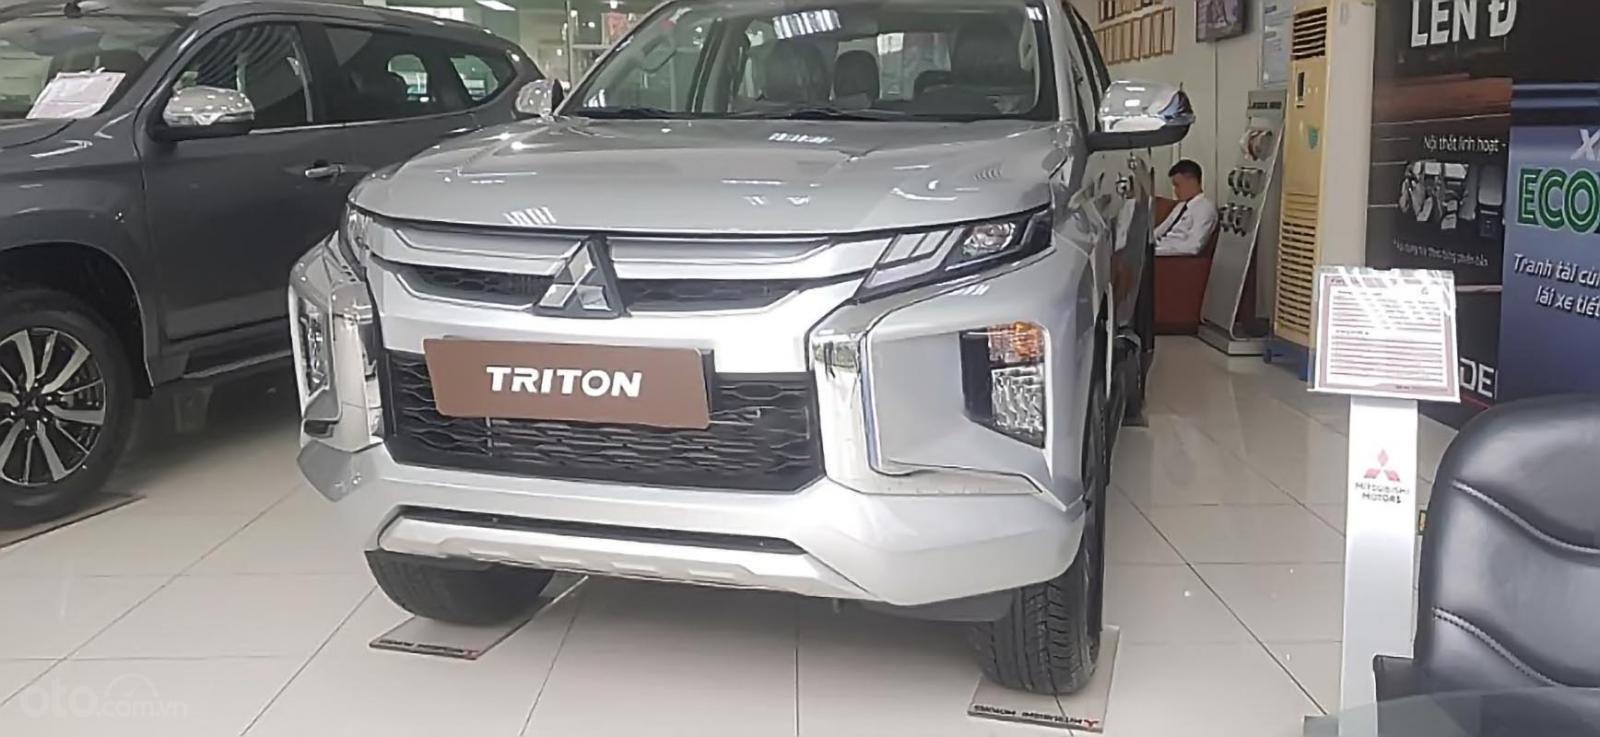 Cần bán Mitsubishi Triton 4X2 AT MIVEC sản xuất 2019, màu bạc, xe nhập giá cạnh tranh (1)